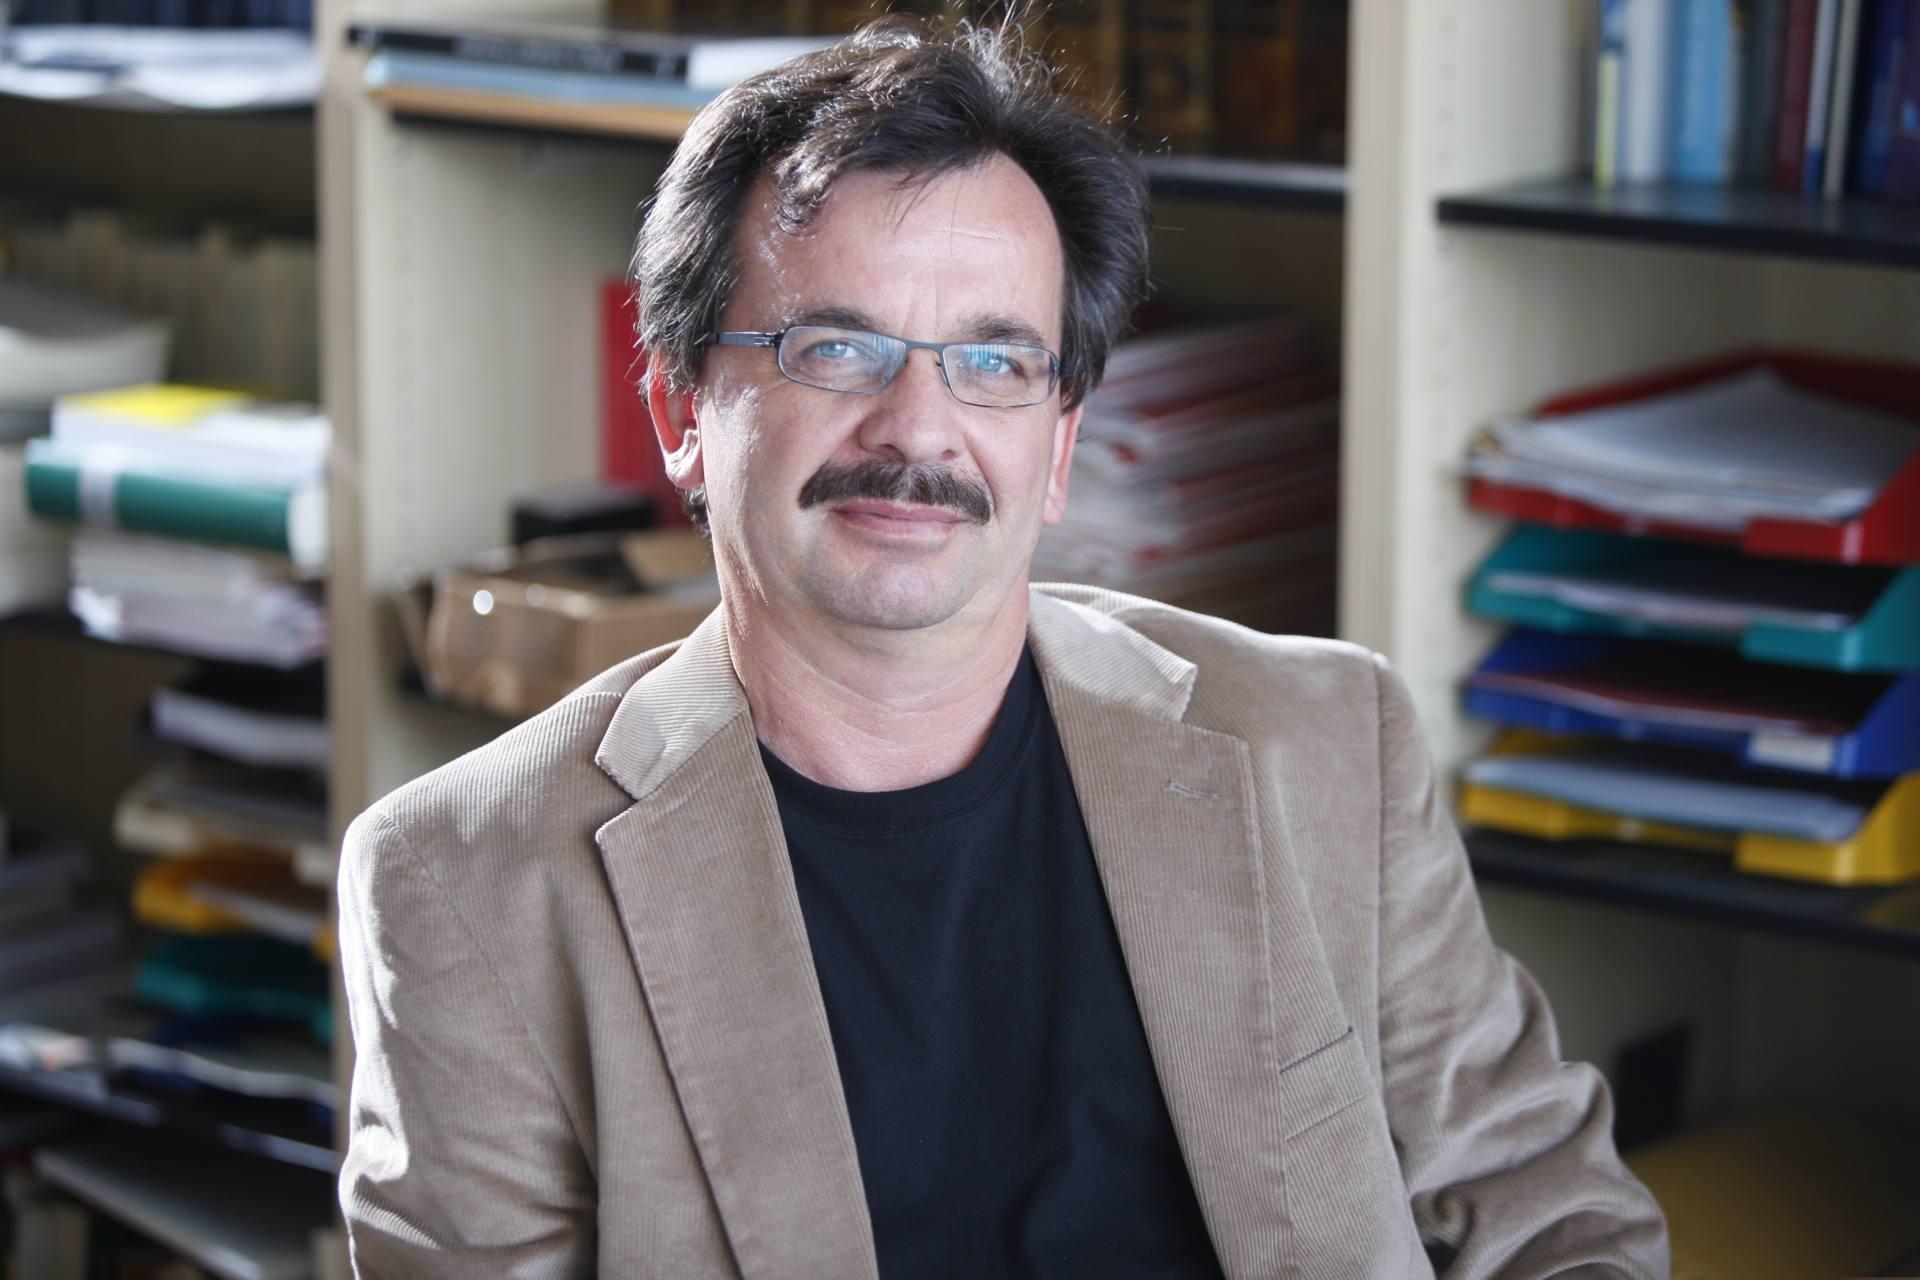 Bild eines Experten - Helmut Flachenecker